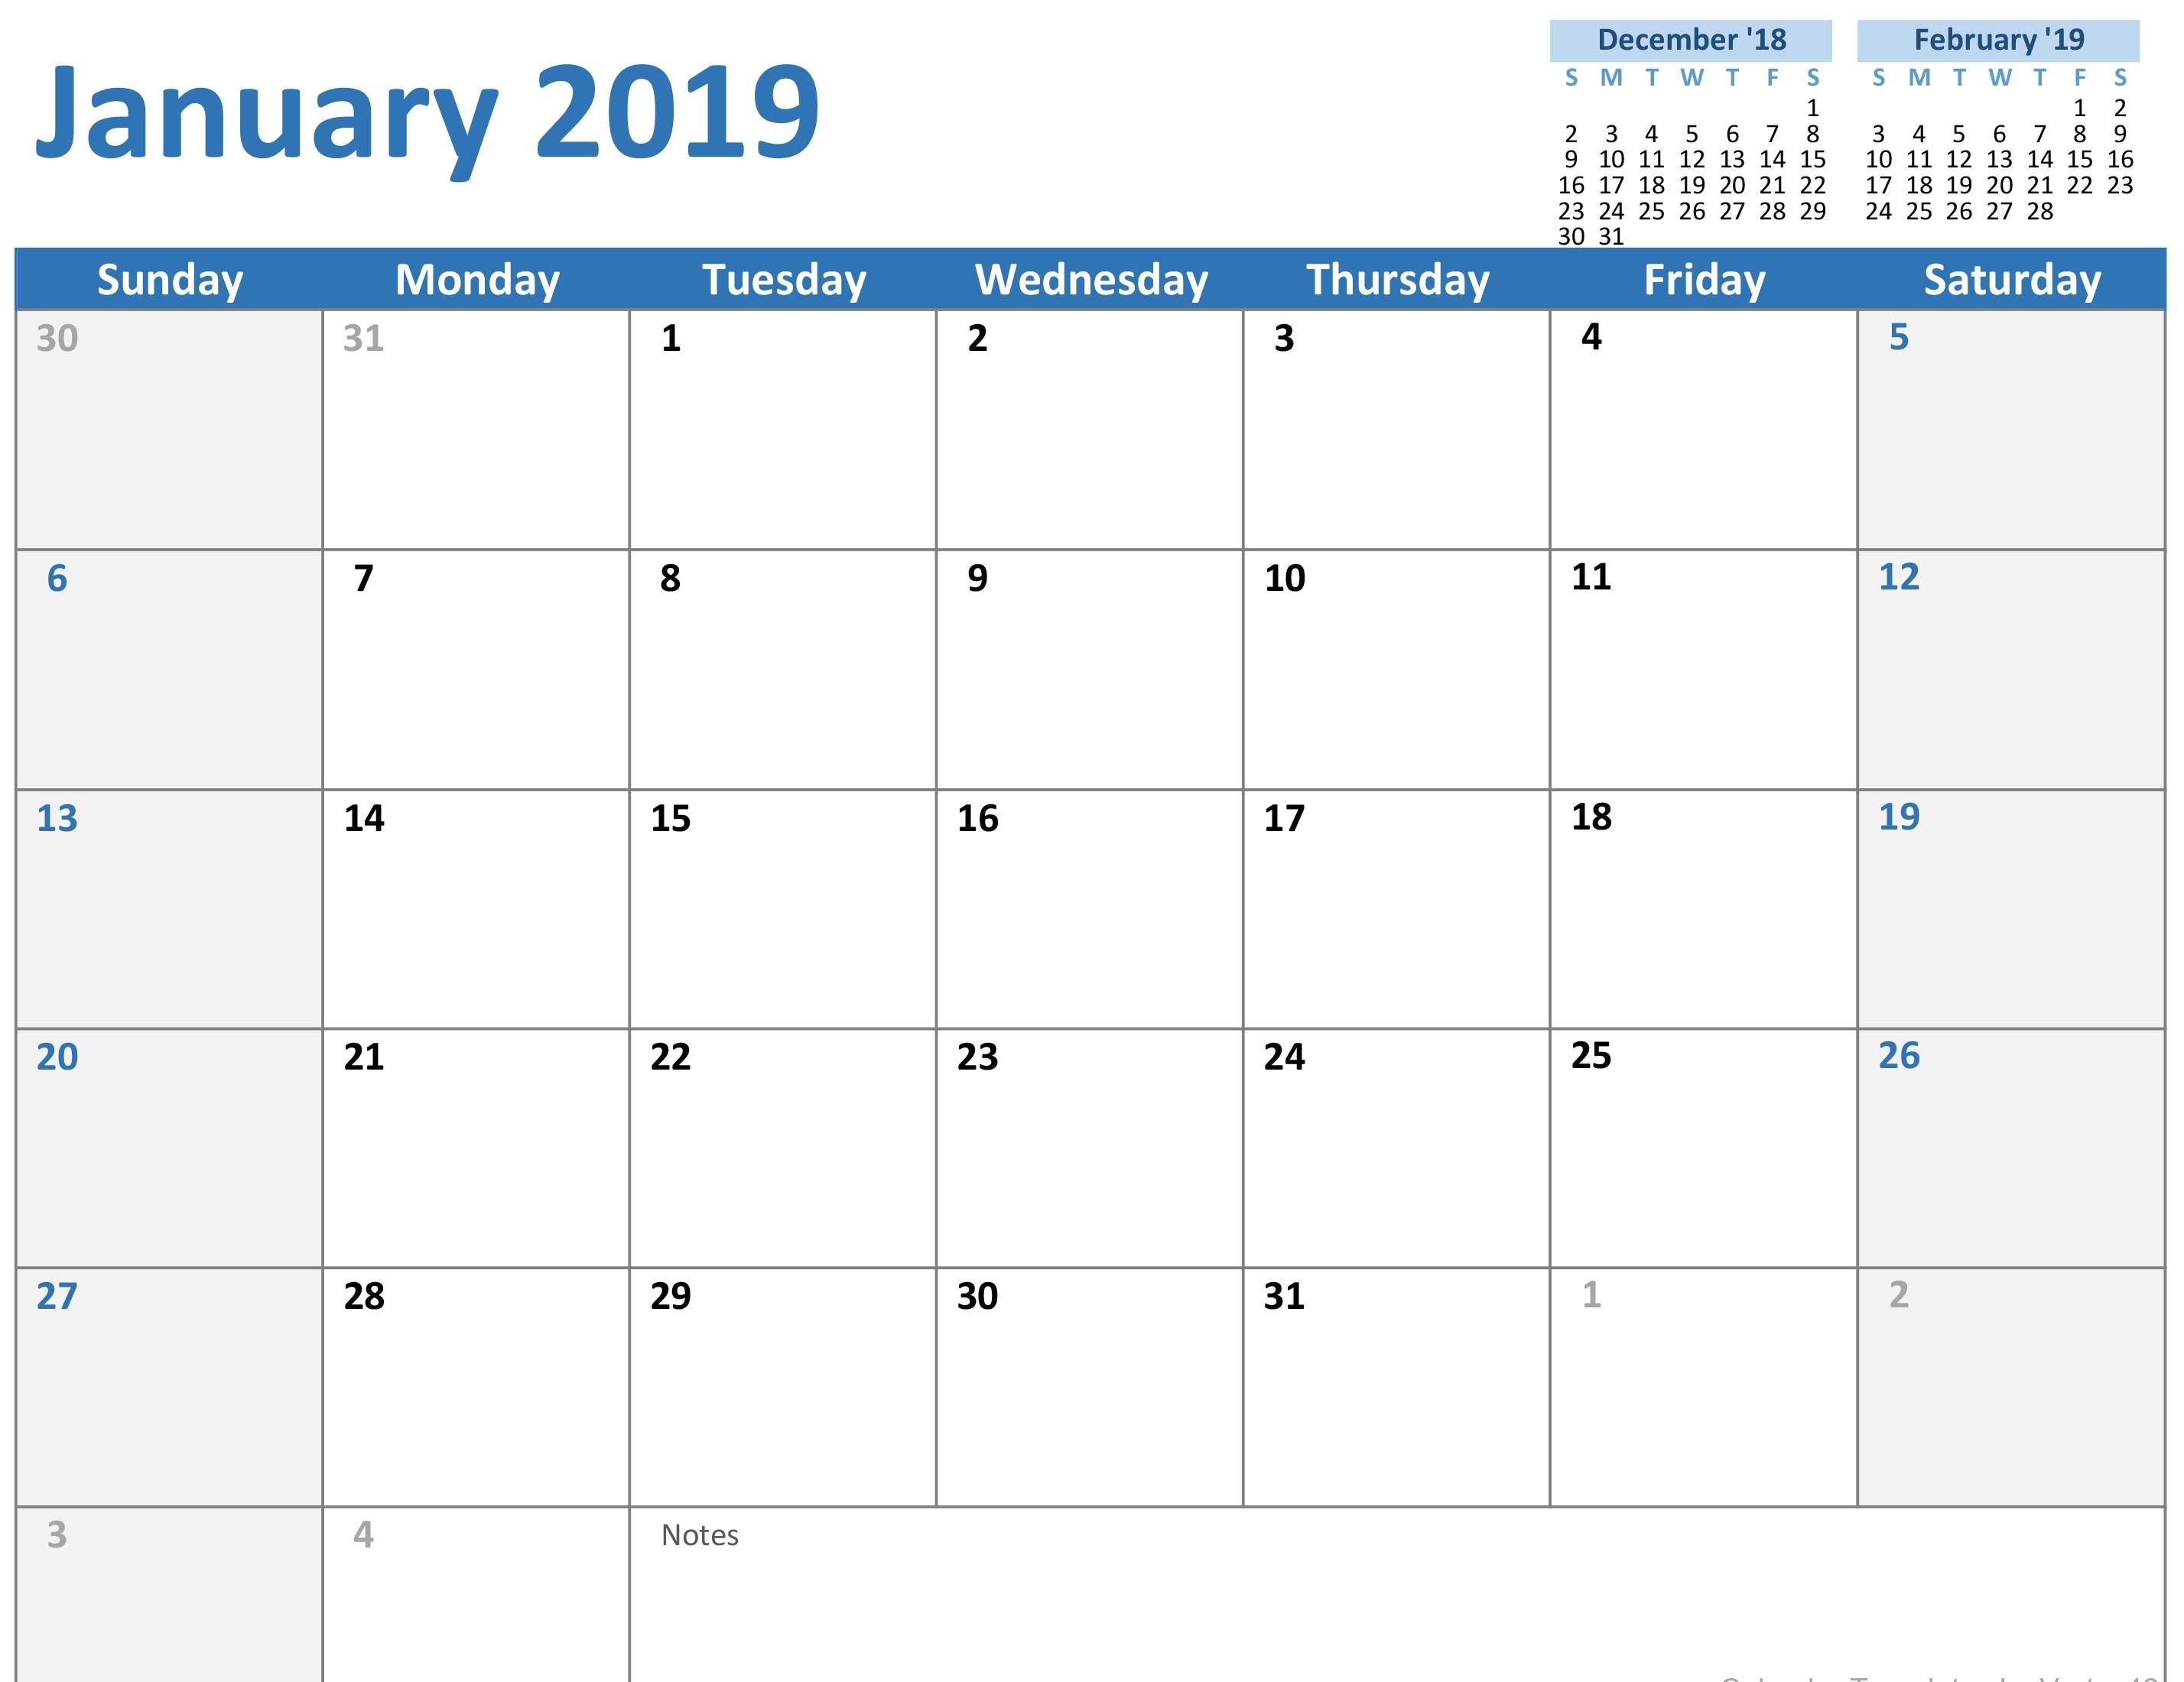 Custom Calendar For Schools - Marry Steven - Medium Calendar That I Can Edit